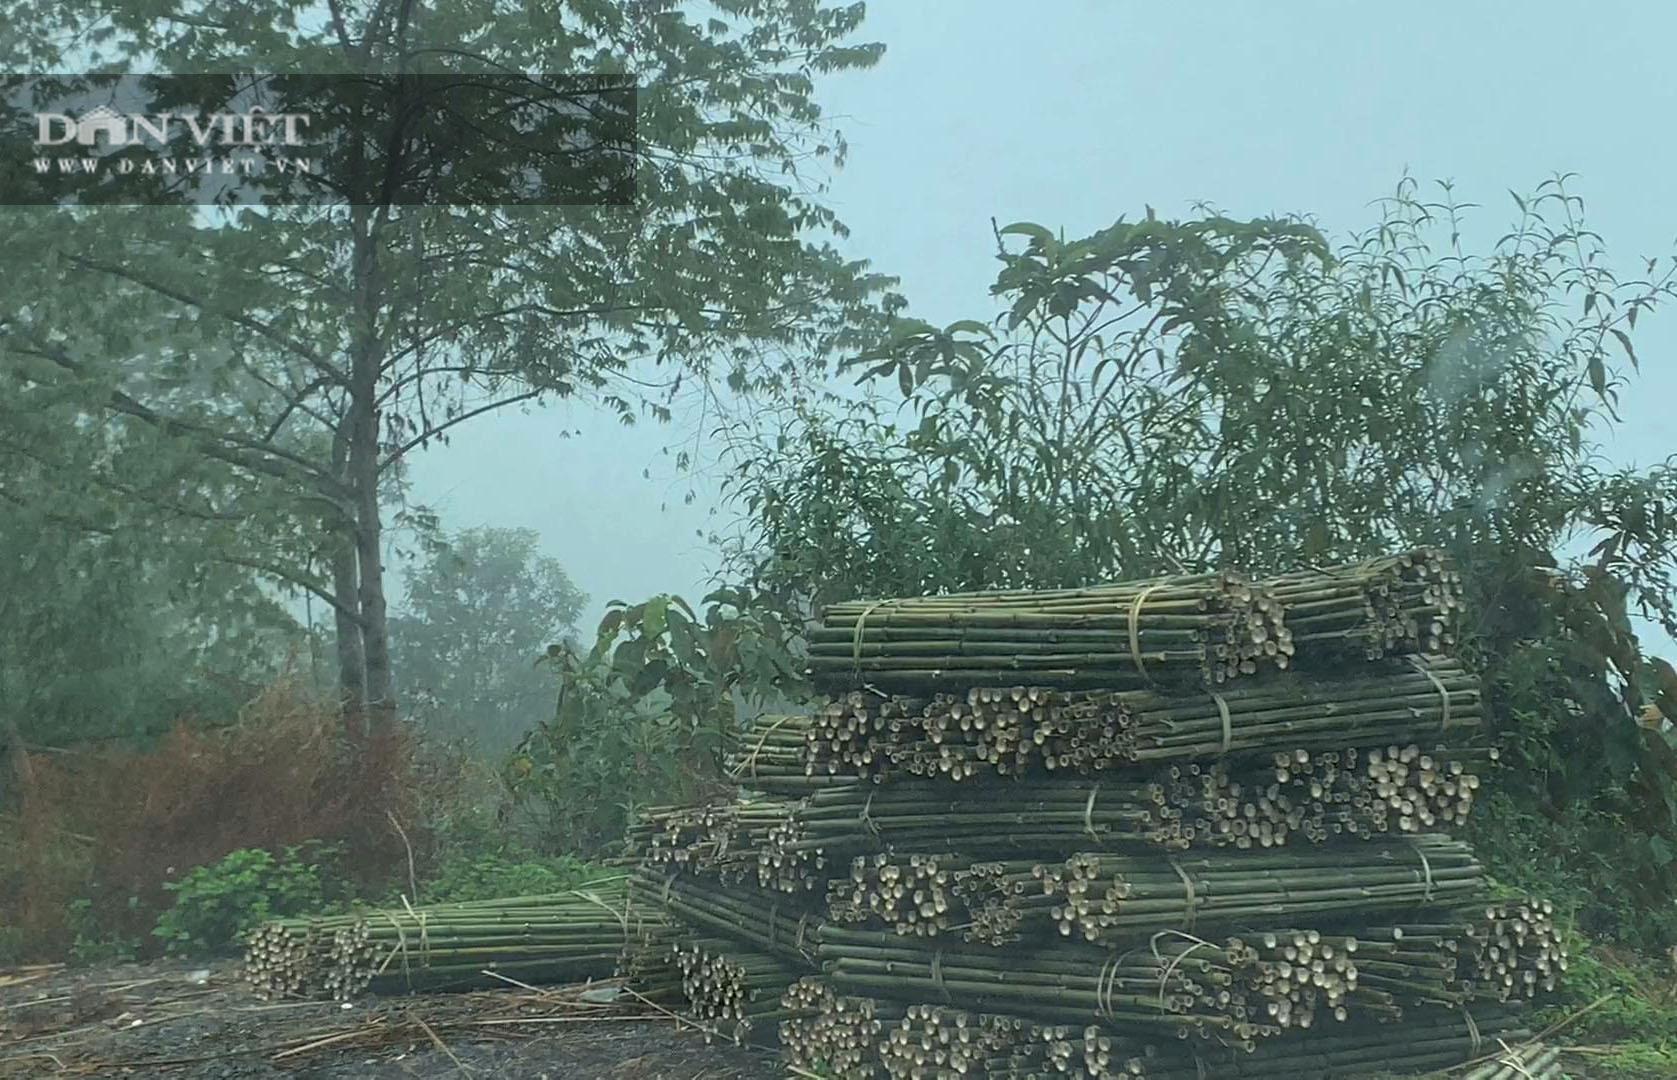 Cao Bằng: Trồng loài cây có đốt, một lần trồng mọc lan cả rừng, nông dân ở đây rủng rỉnh tiền - Ảnh 3.